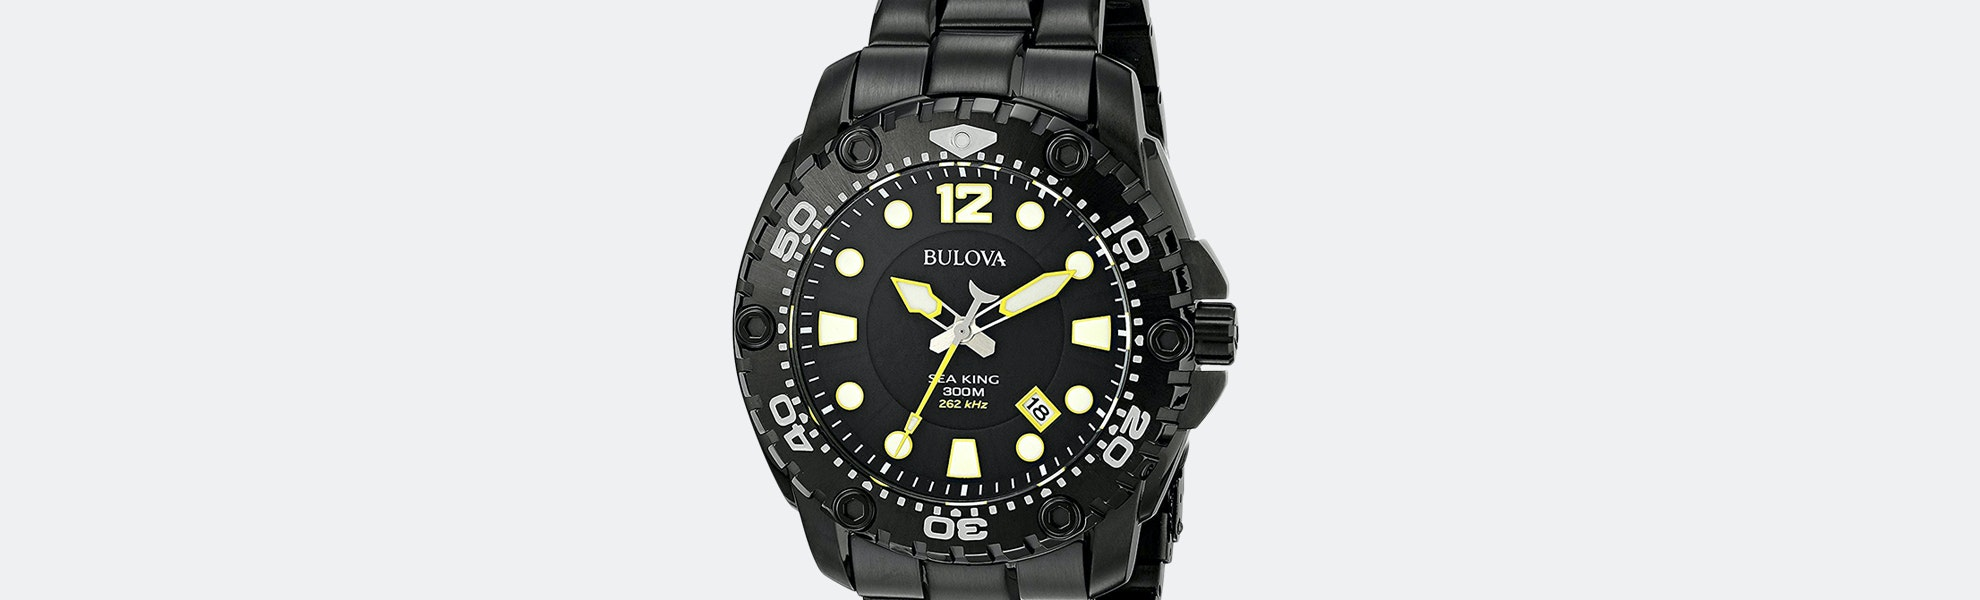 Bulova Sea King Quartz Watch